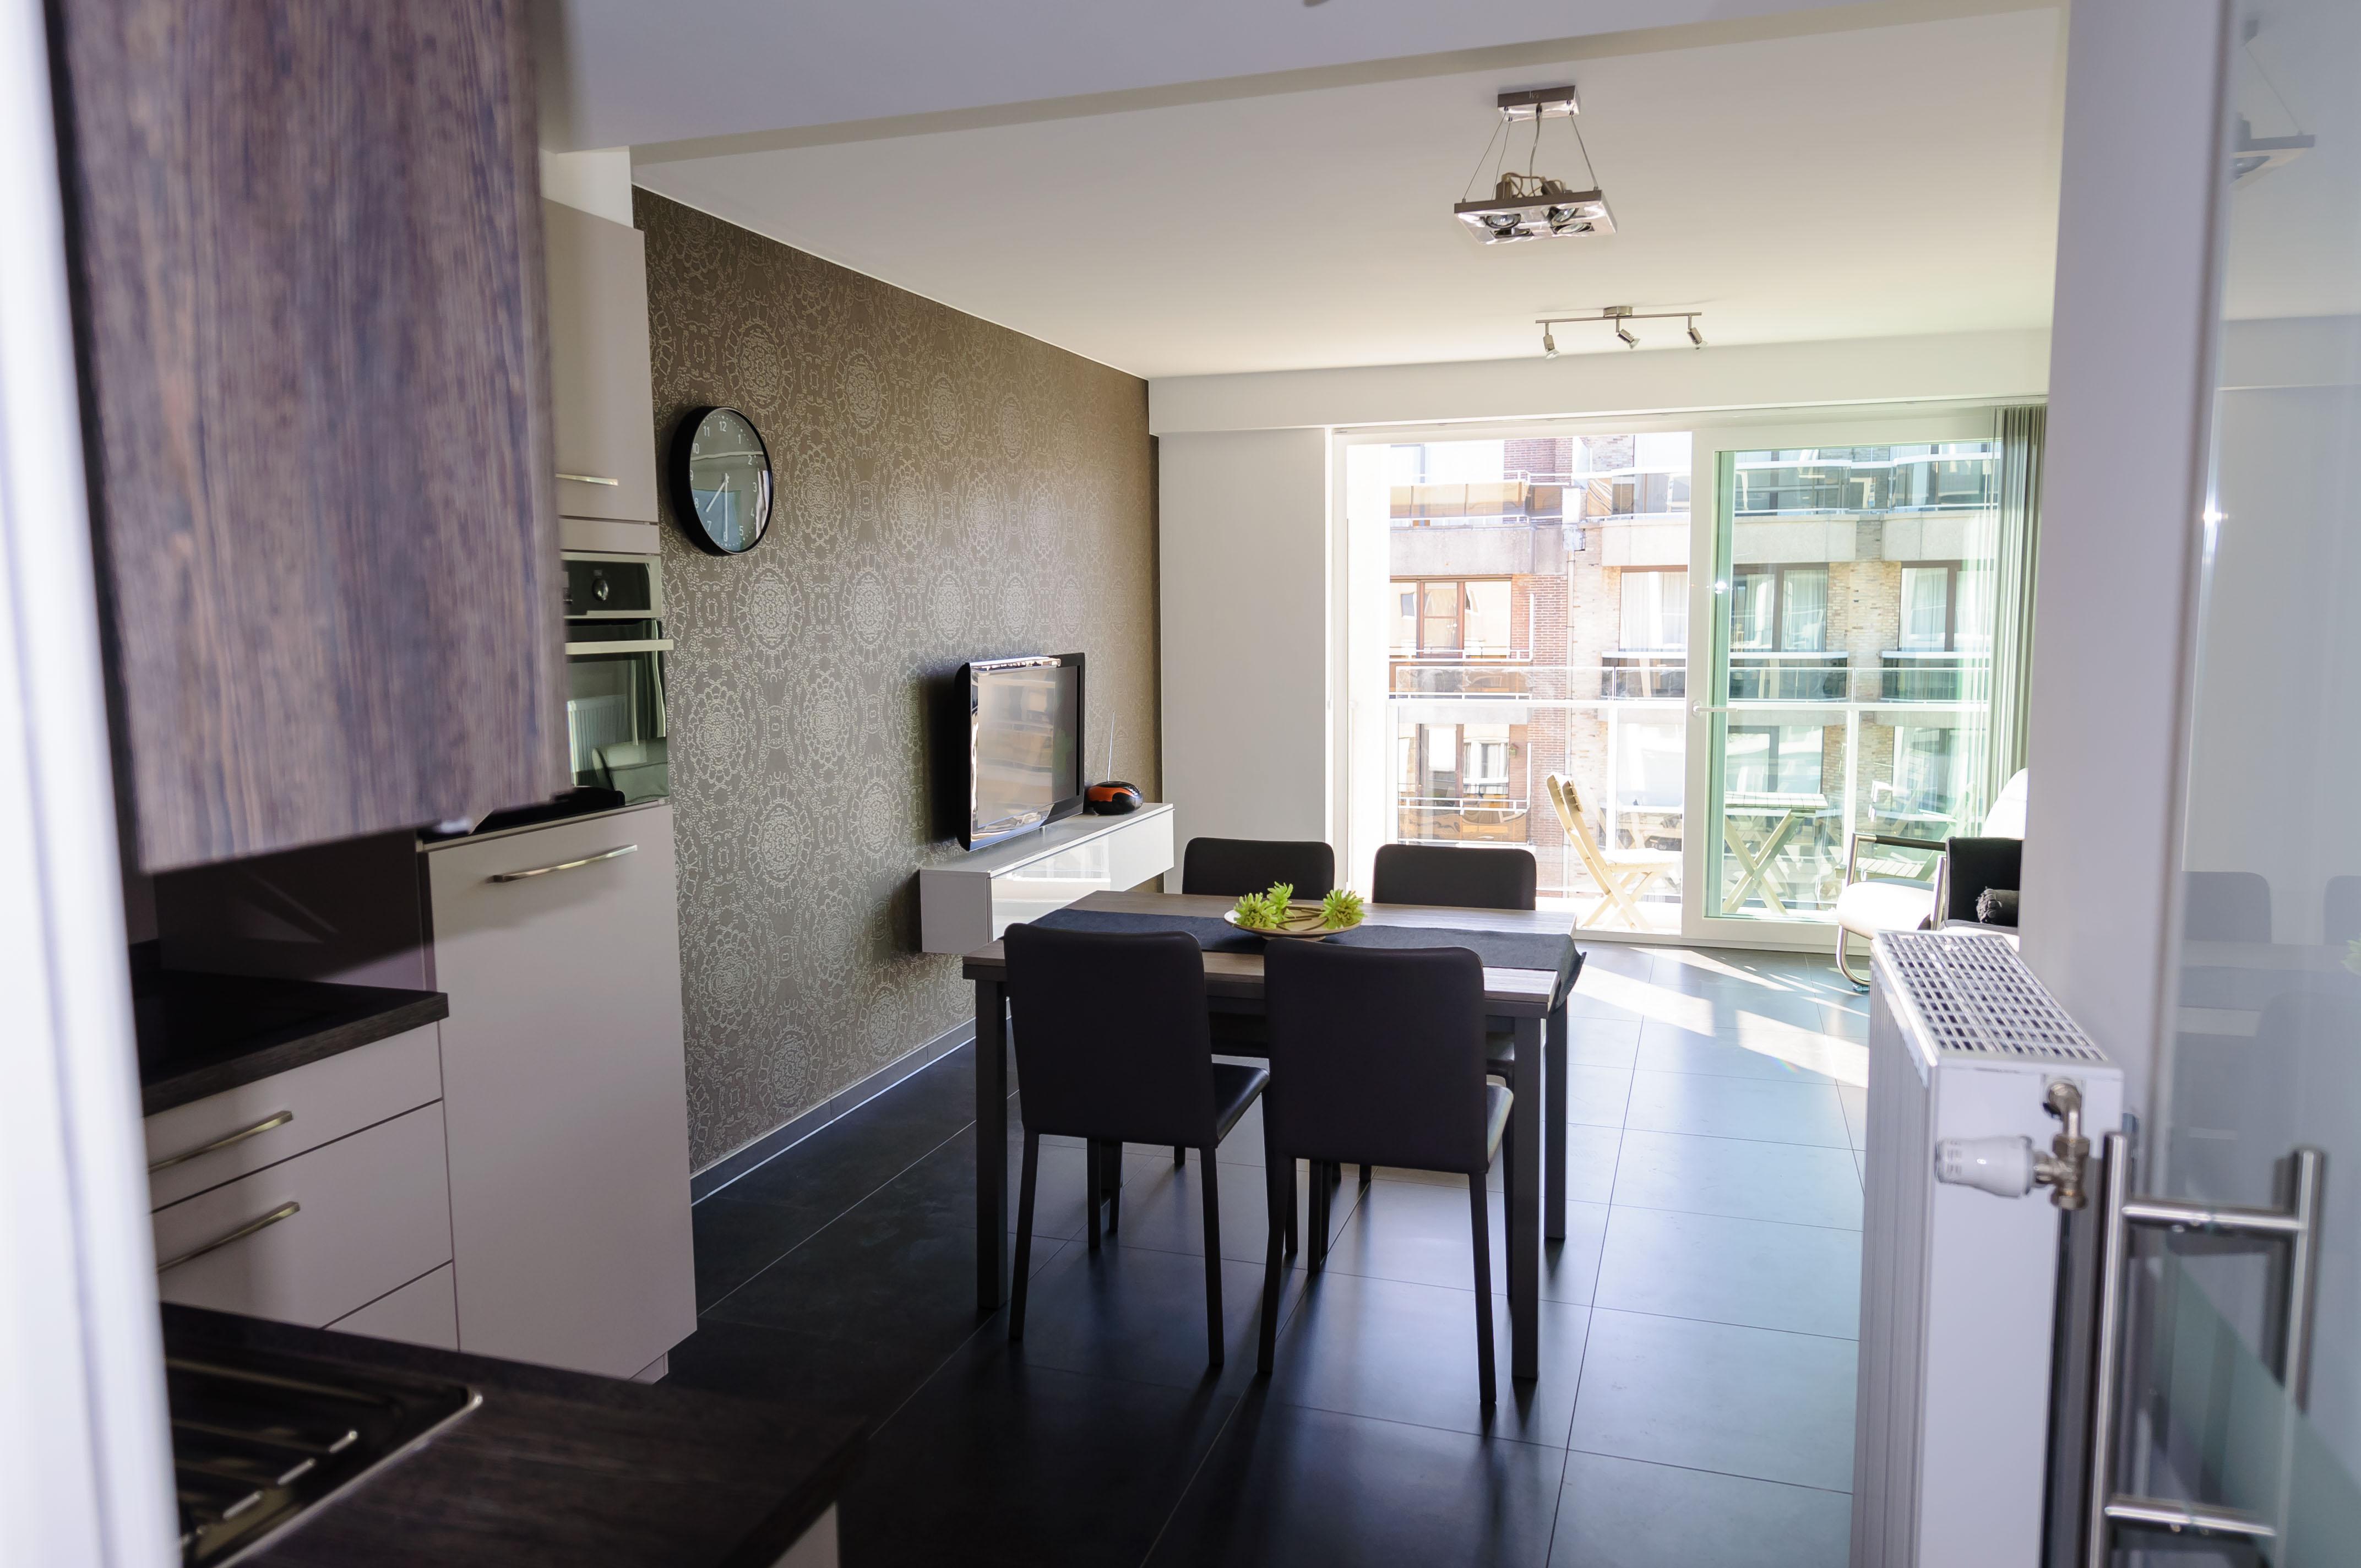 Appartement TERRA 6 pers - Appartement in Nieuwpoort te huur